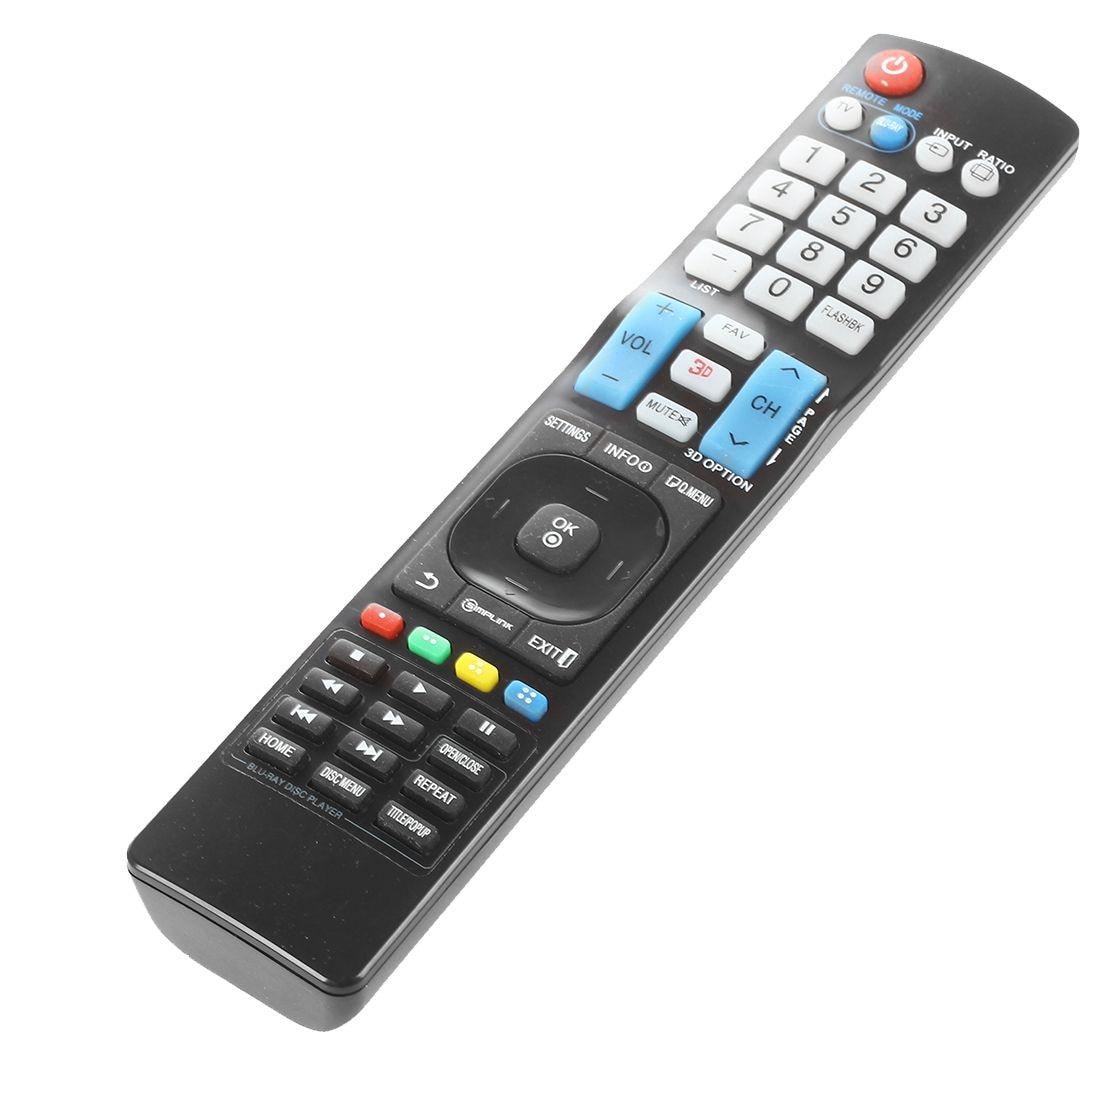 Практичный-новый для LG ТВ Blu-Ray DVD проигрыватели Universal Remote Программирование не требуется